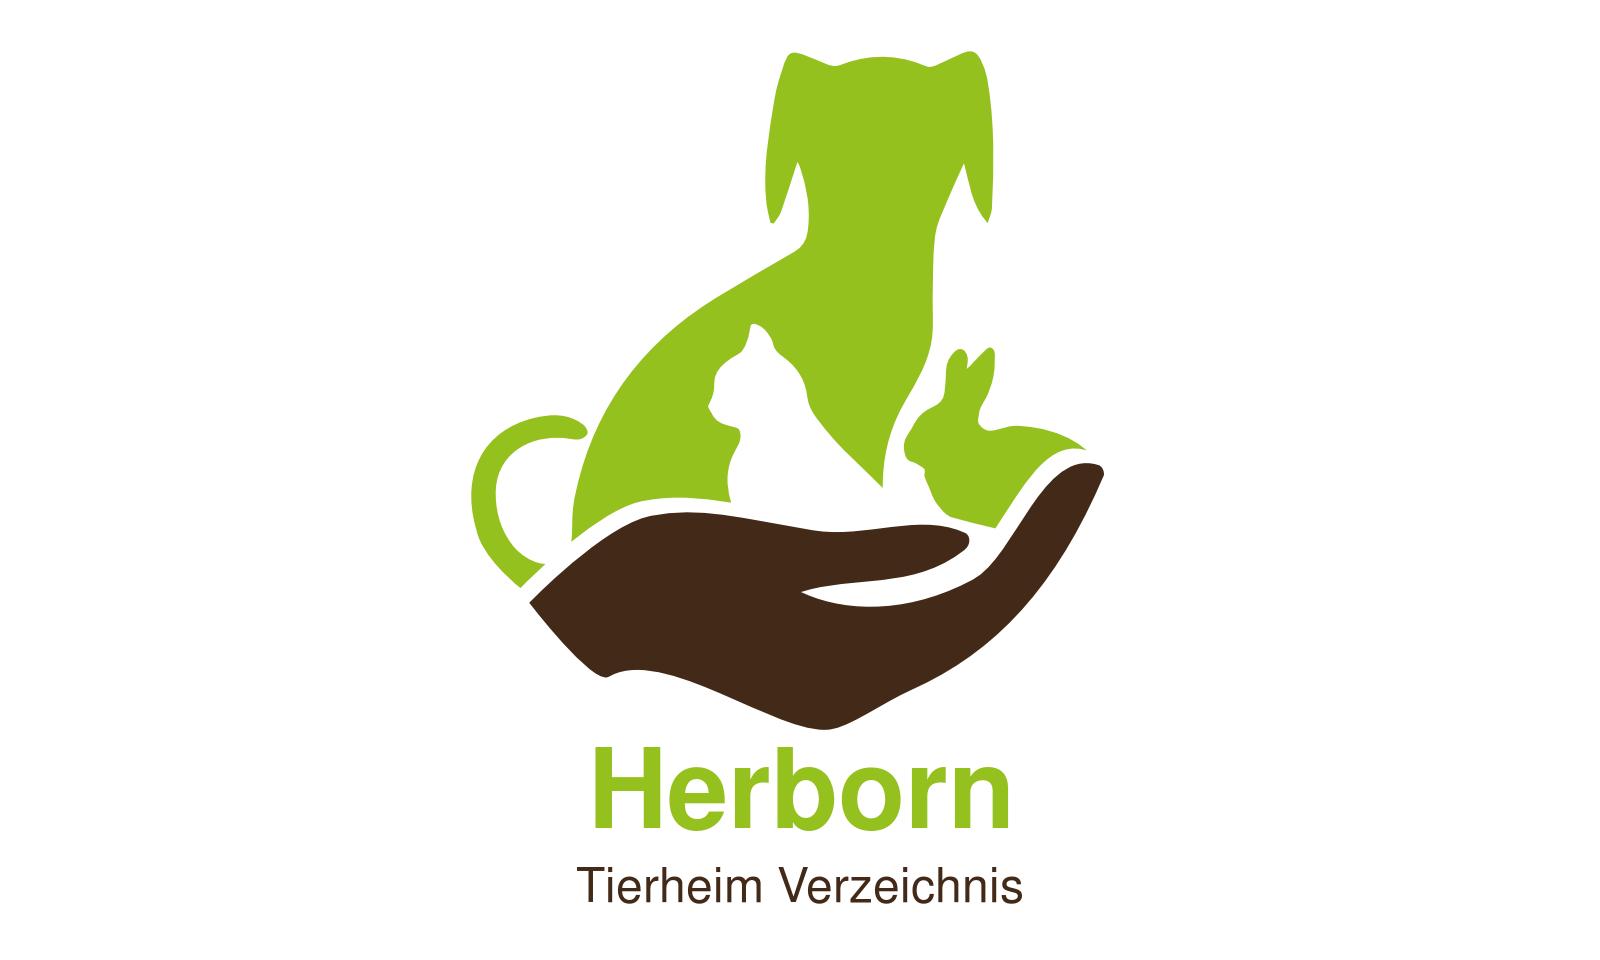 Tierheim Herborn